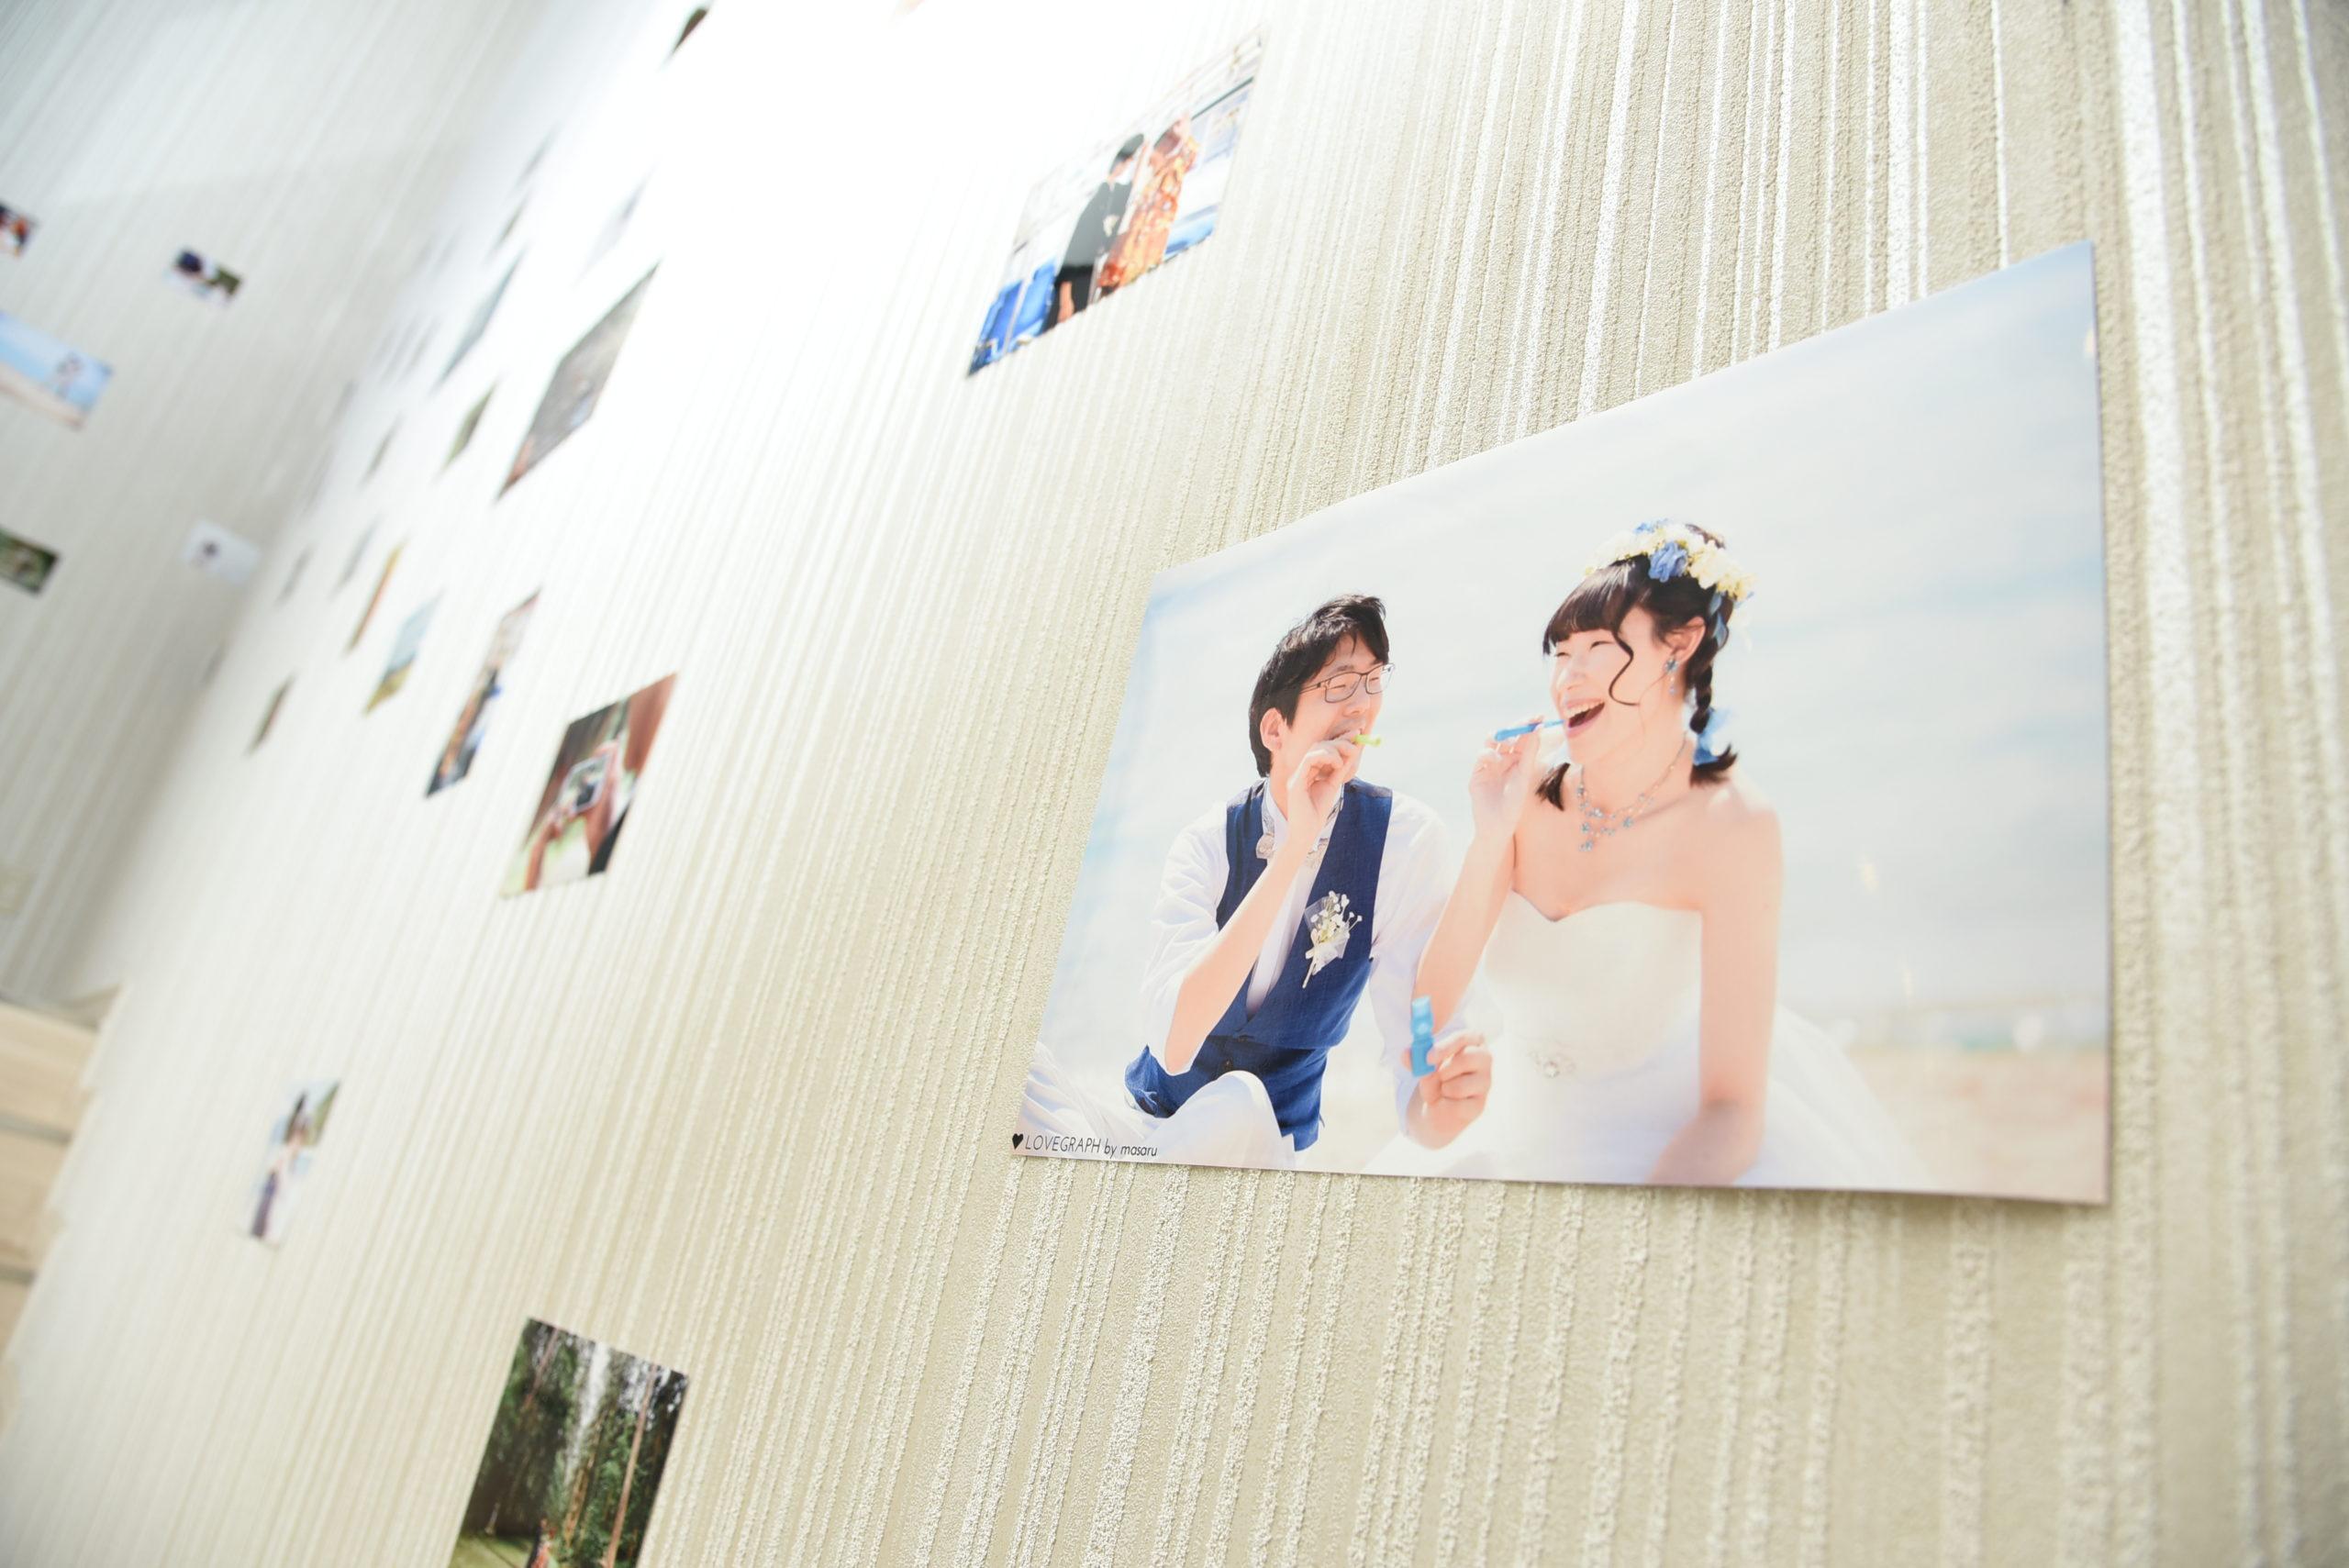 福井づくしの結婚式前撮り水晶浜平泉寺